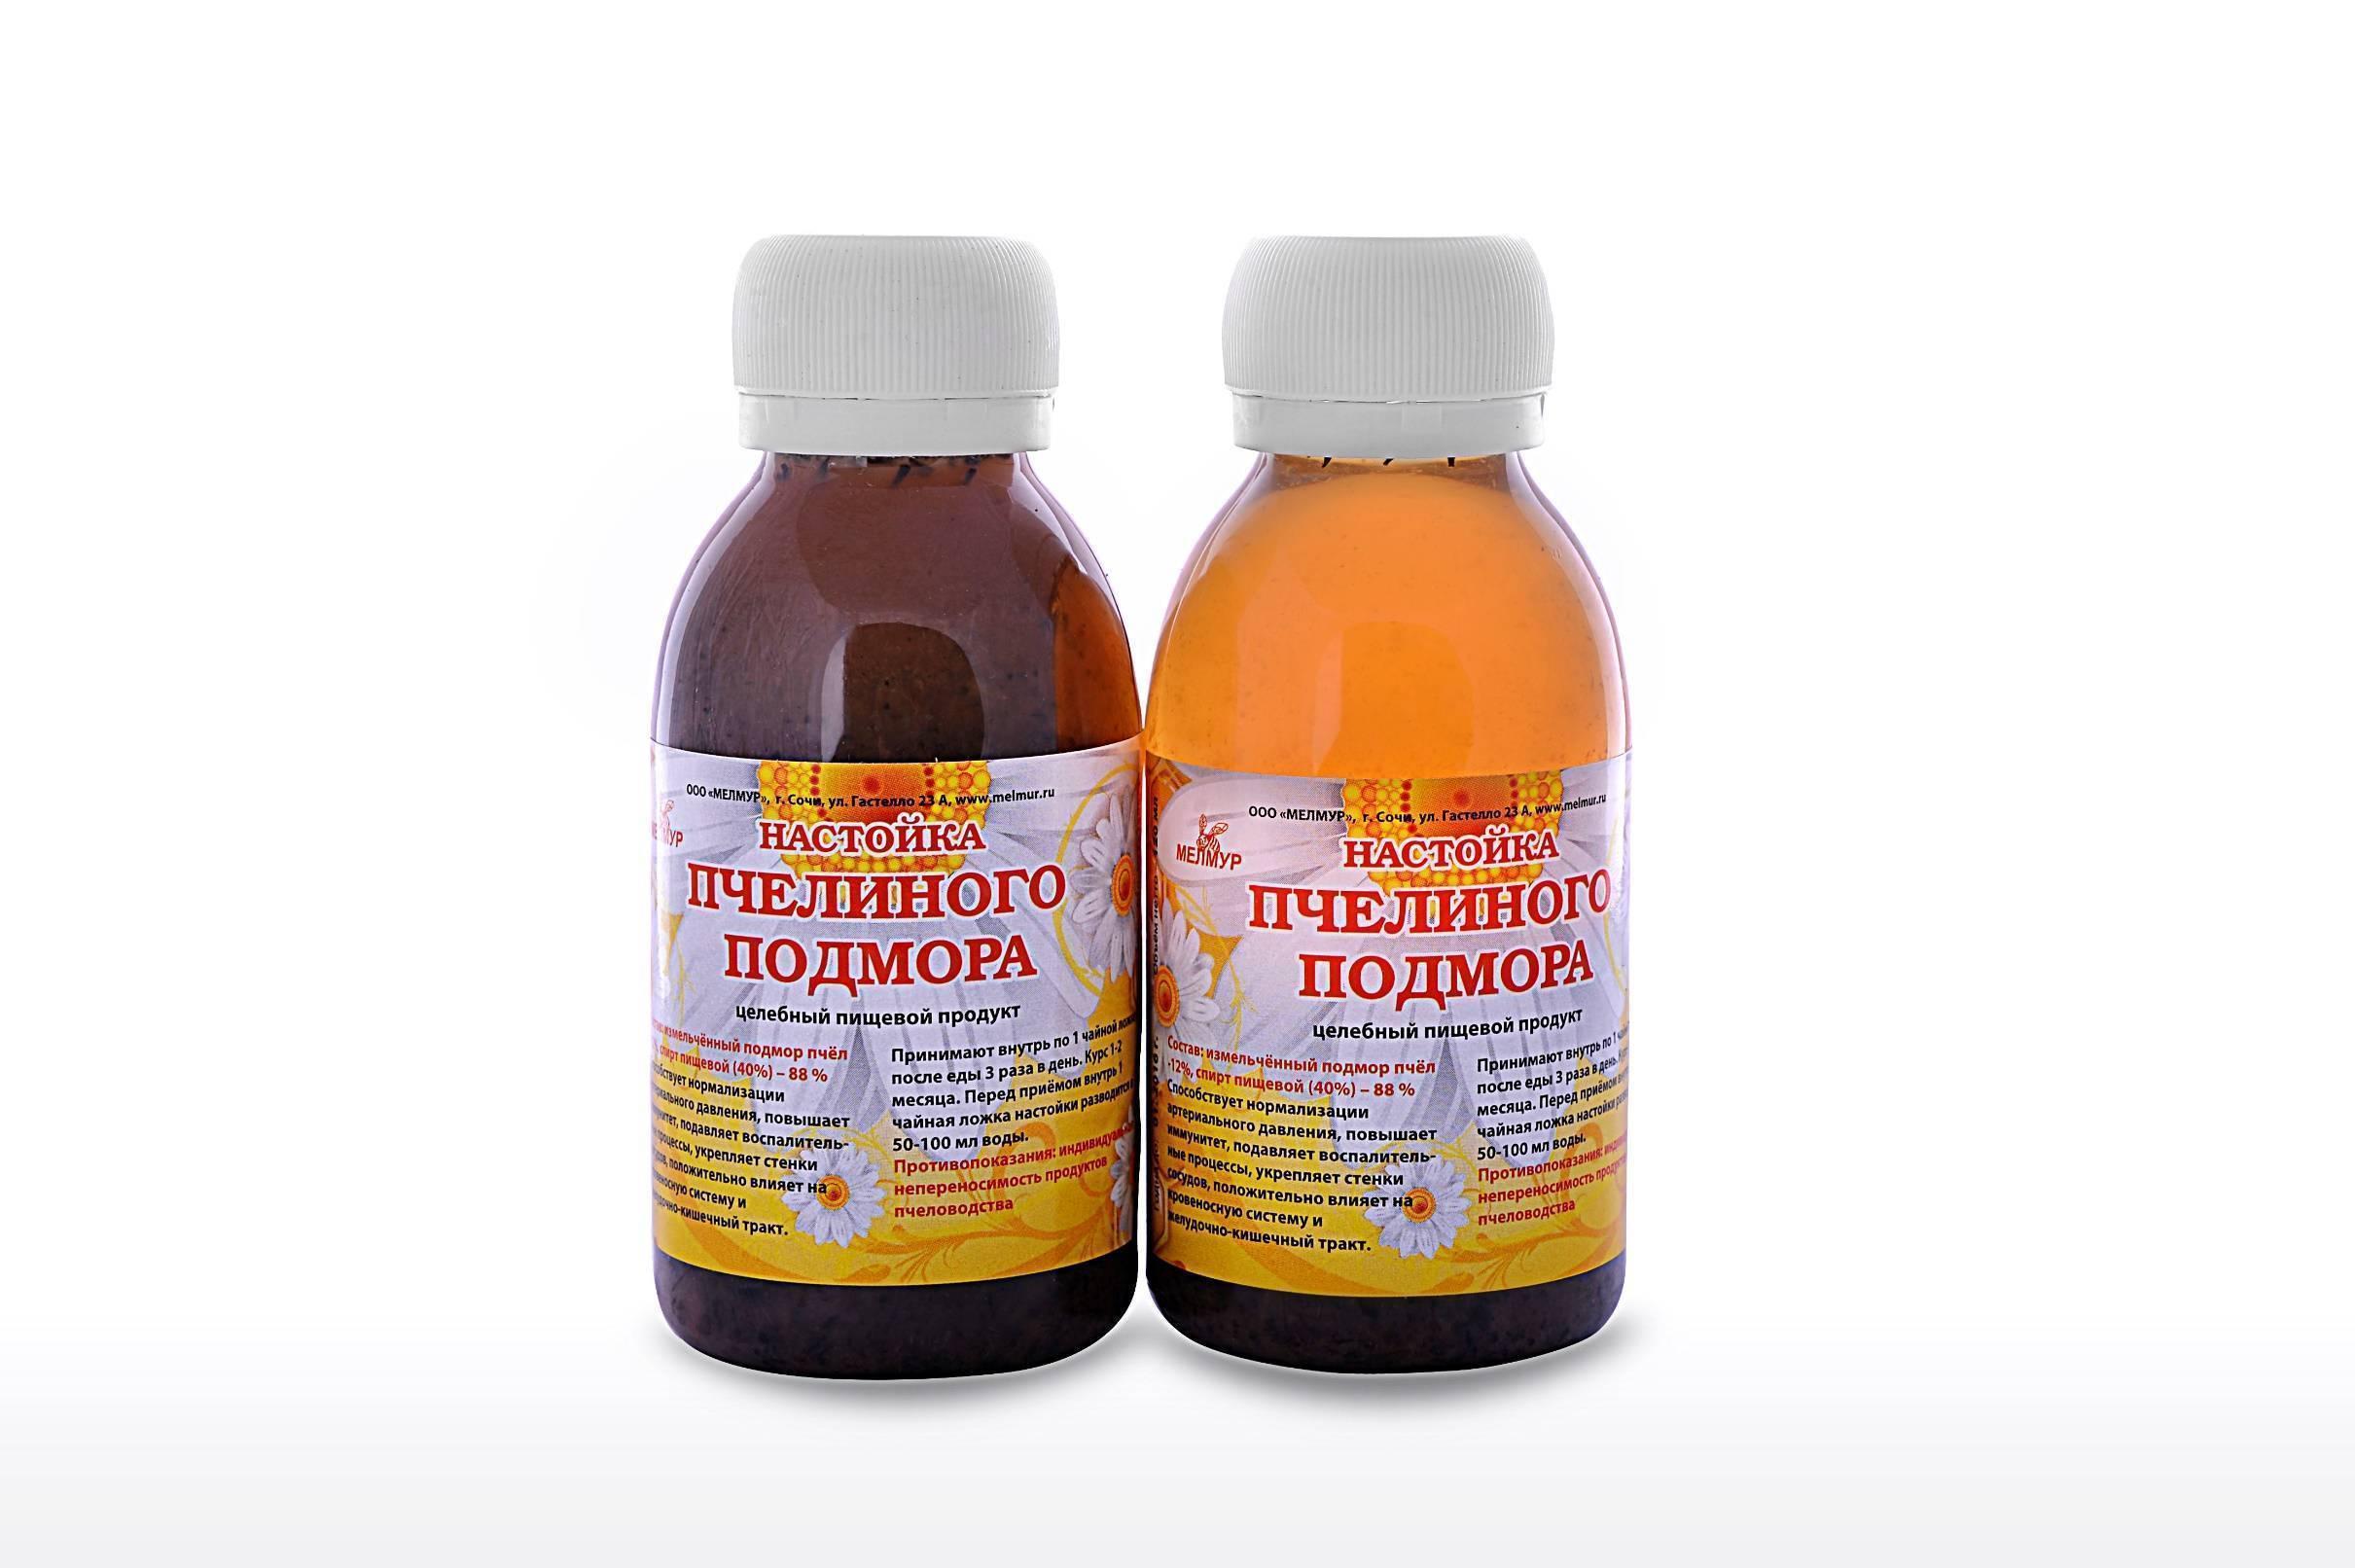 Настойка пчелиного подмора на водке: при каких заболеваниях помогает, как приготовить и принимать